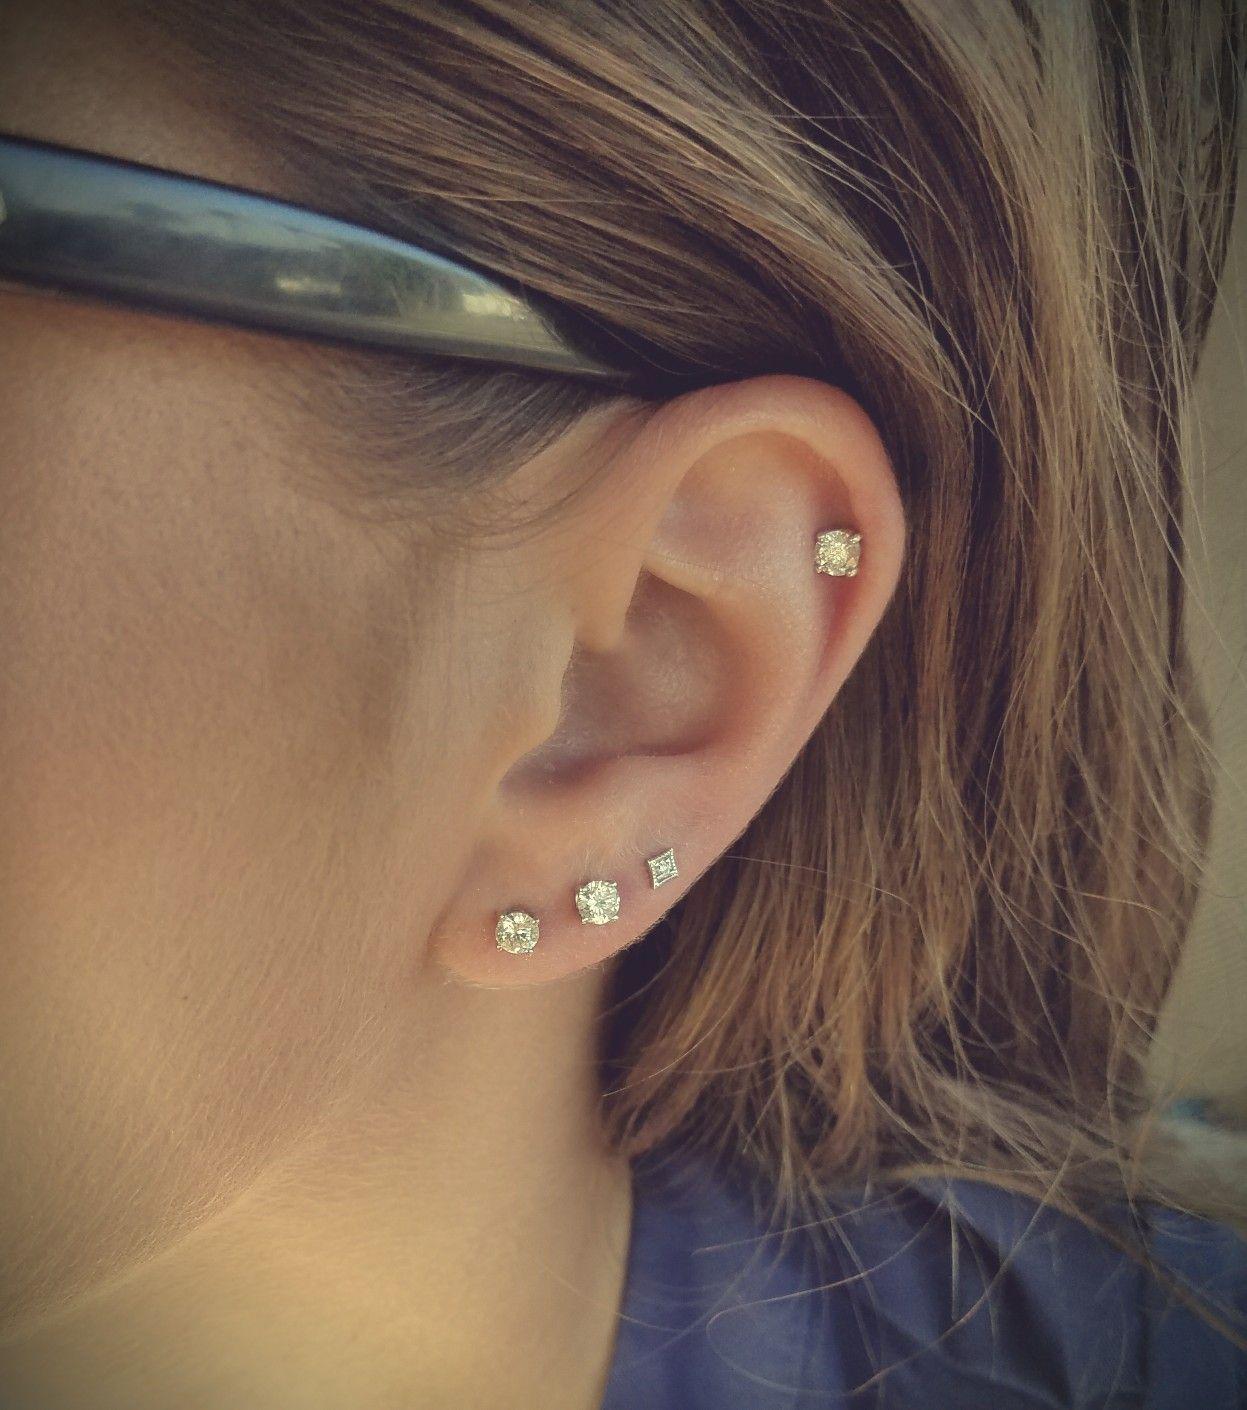 Ear Piercings 3 Lobe 1 Helix 3 Lobe Piercings Helix